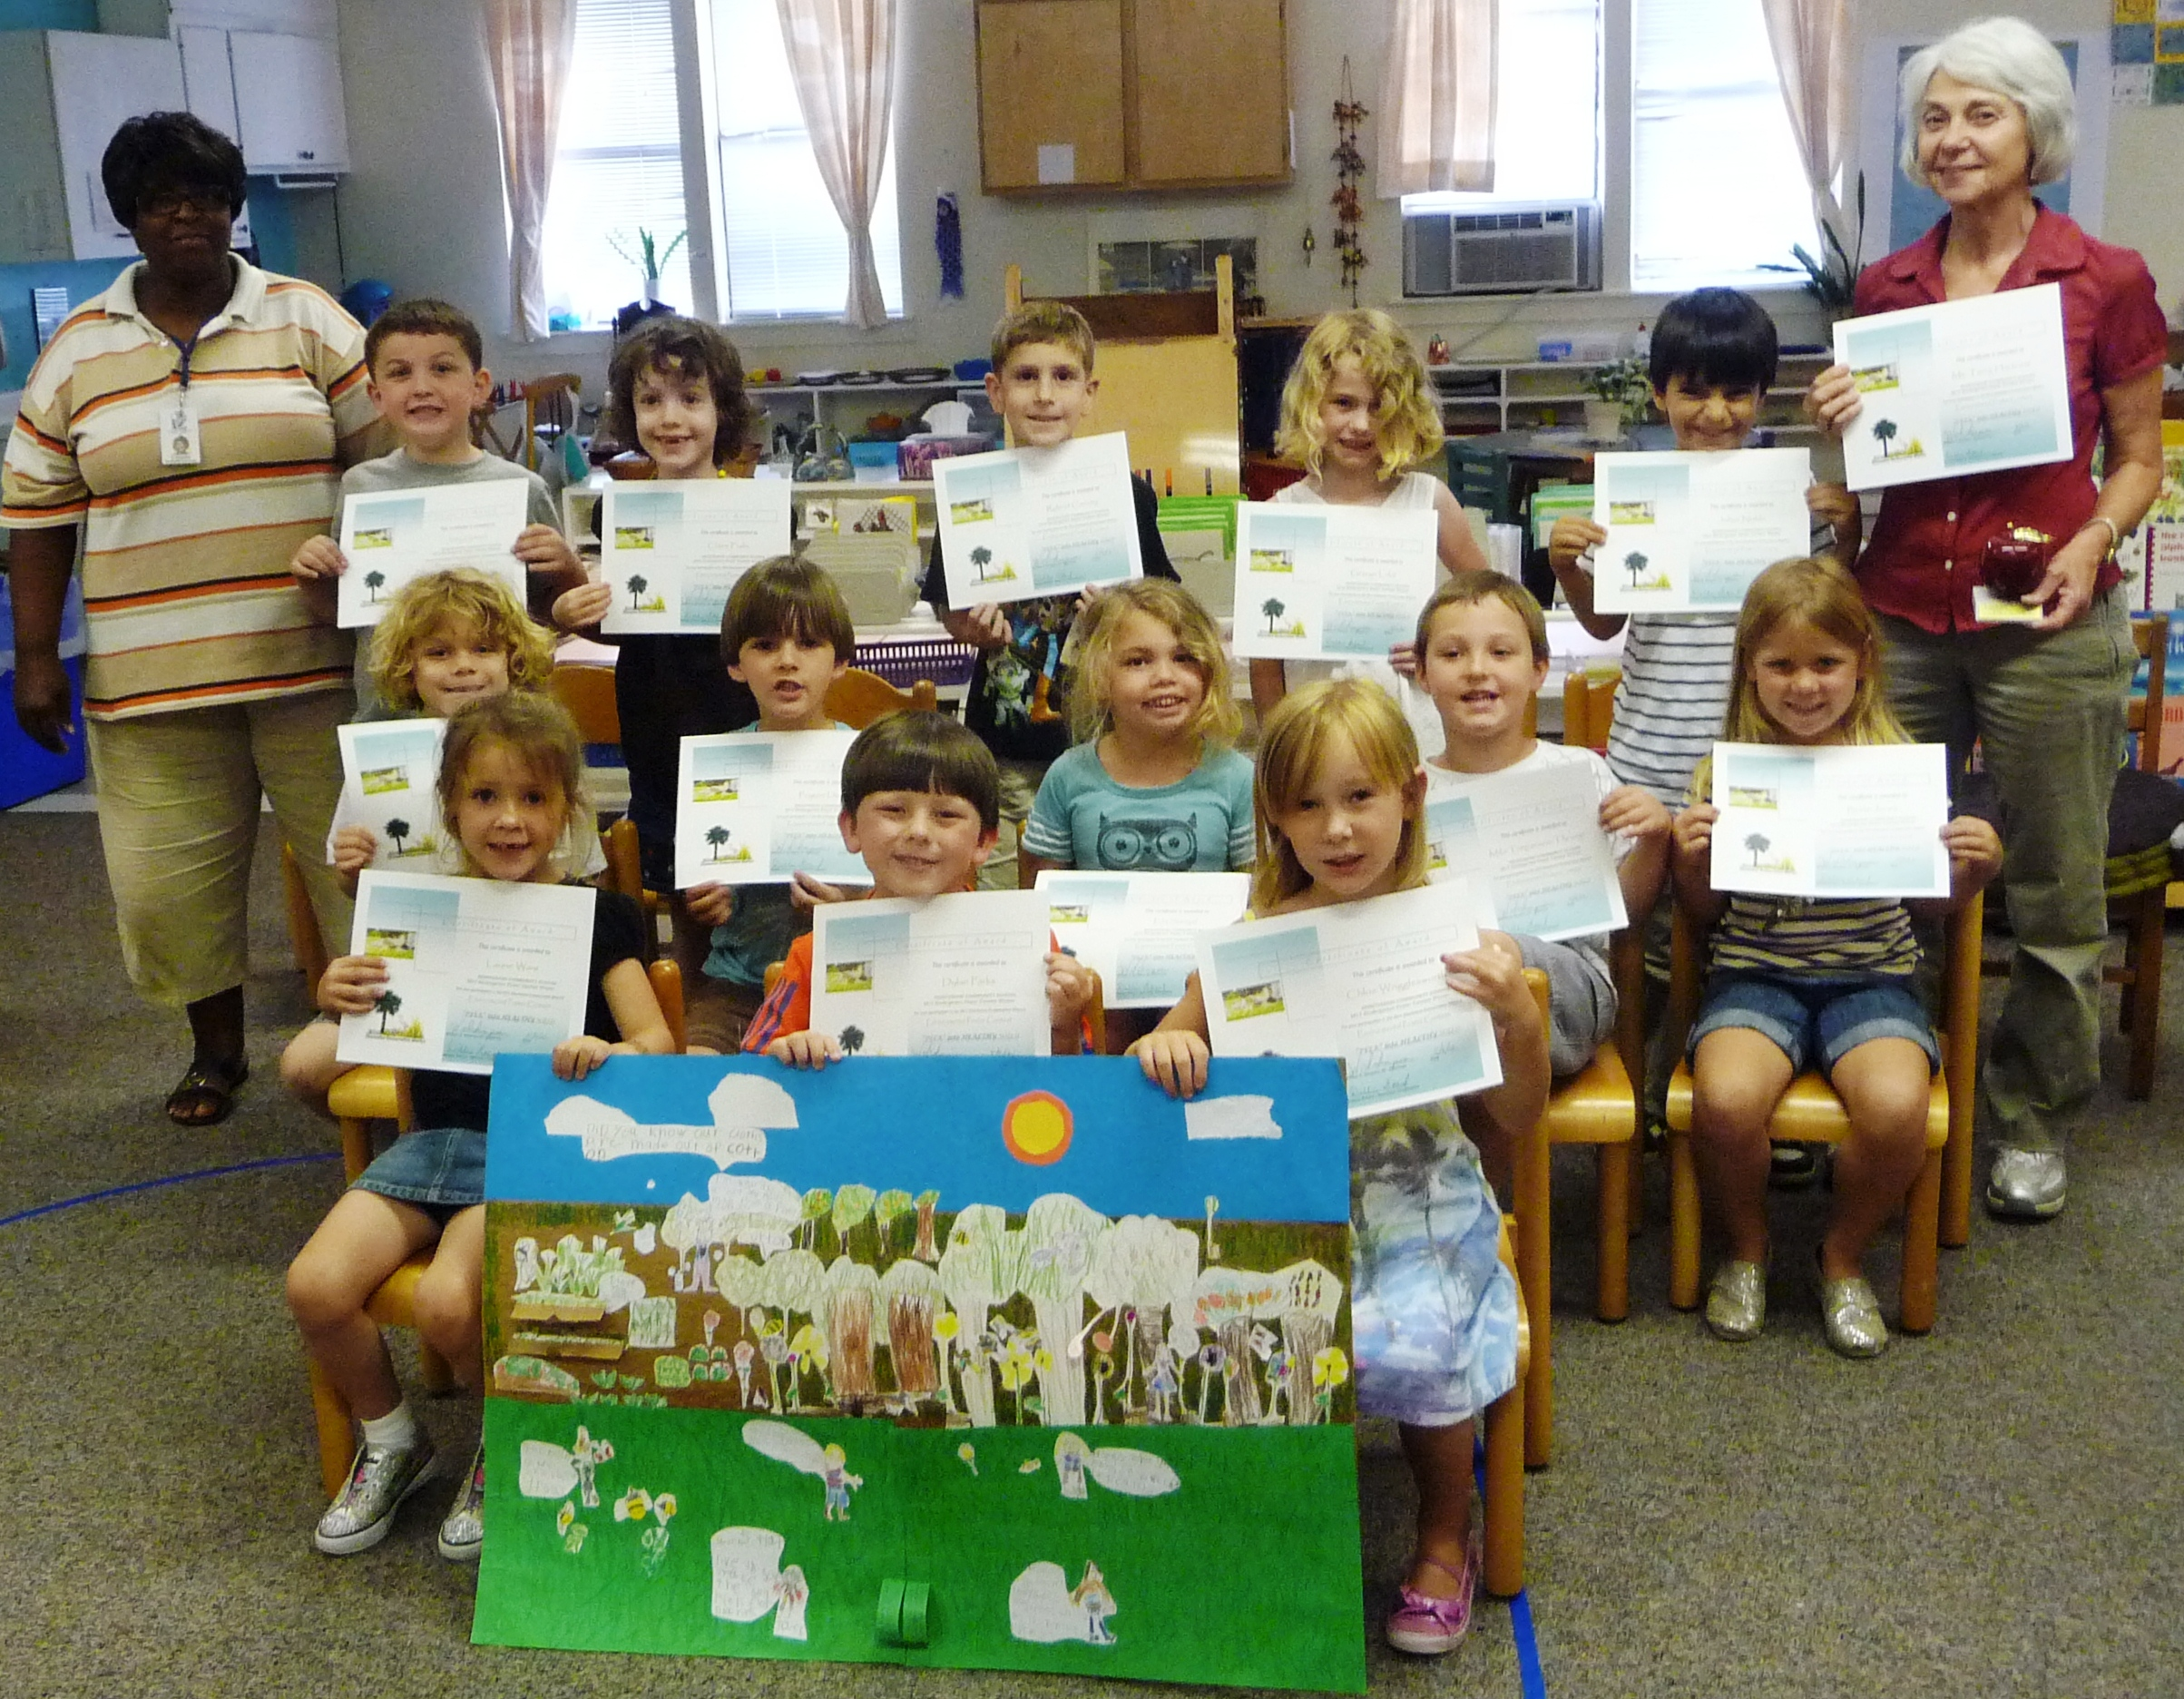 montessori prepared environment essay contest